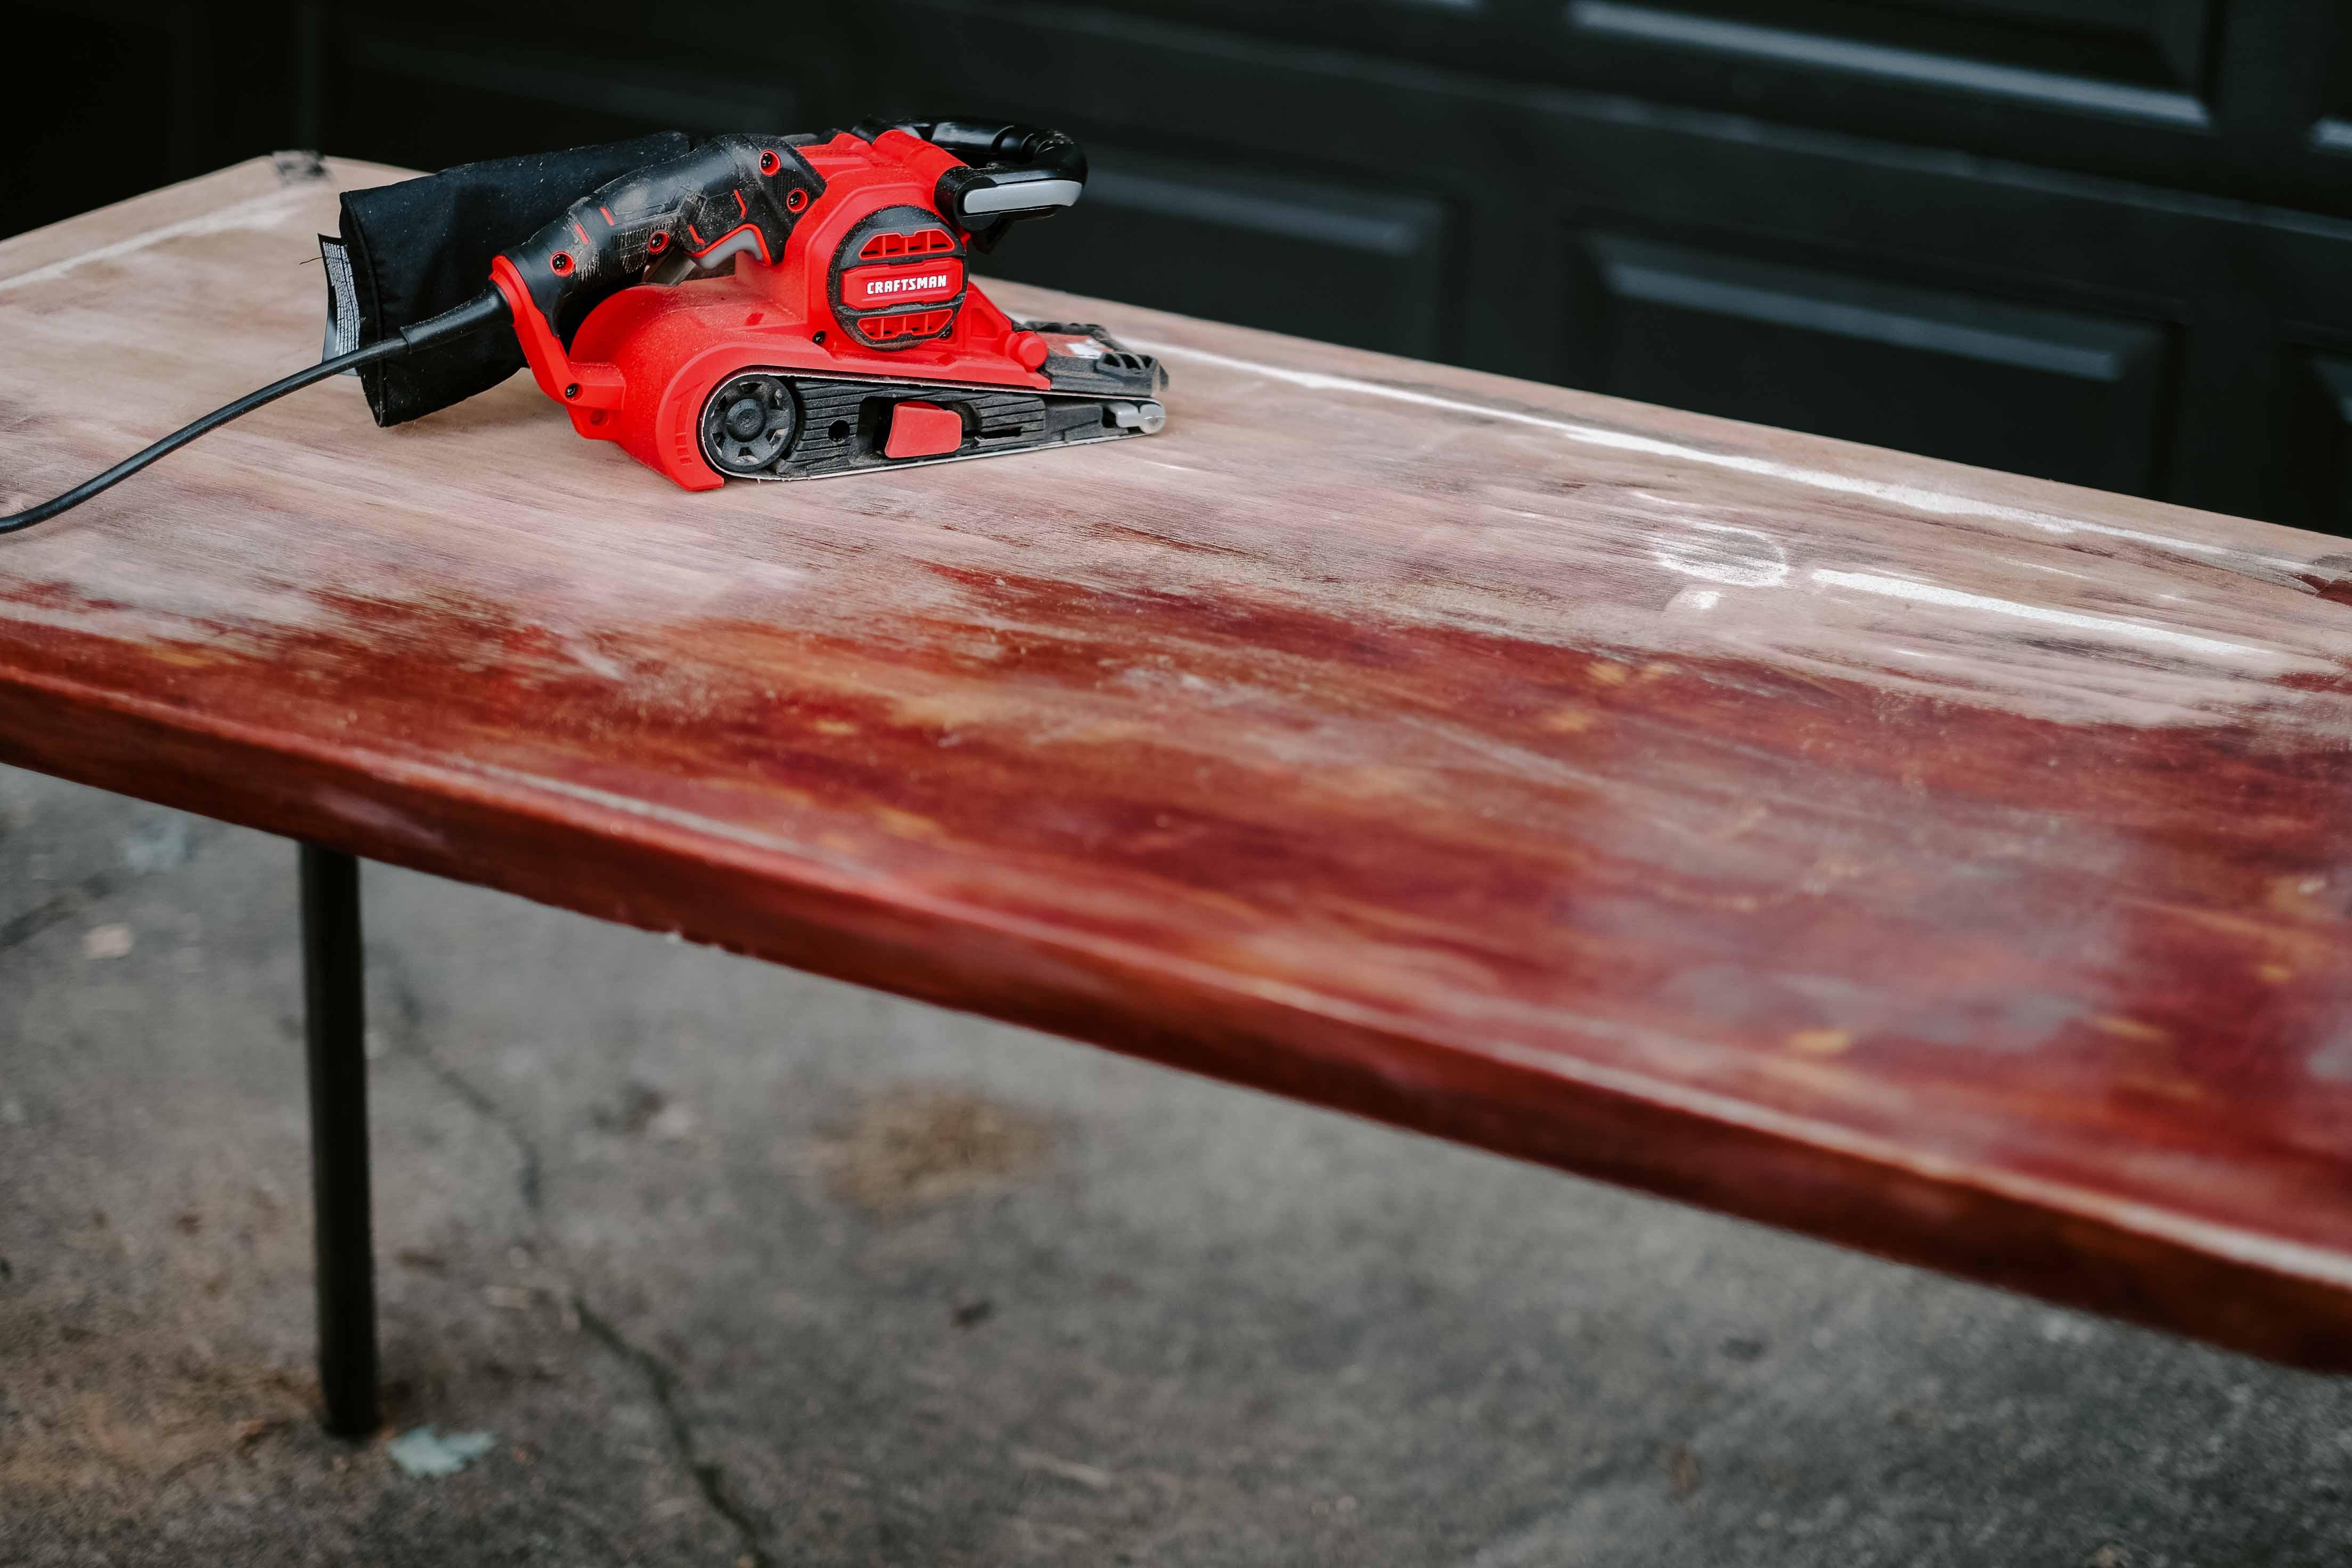 belt sander table makeover